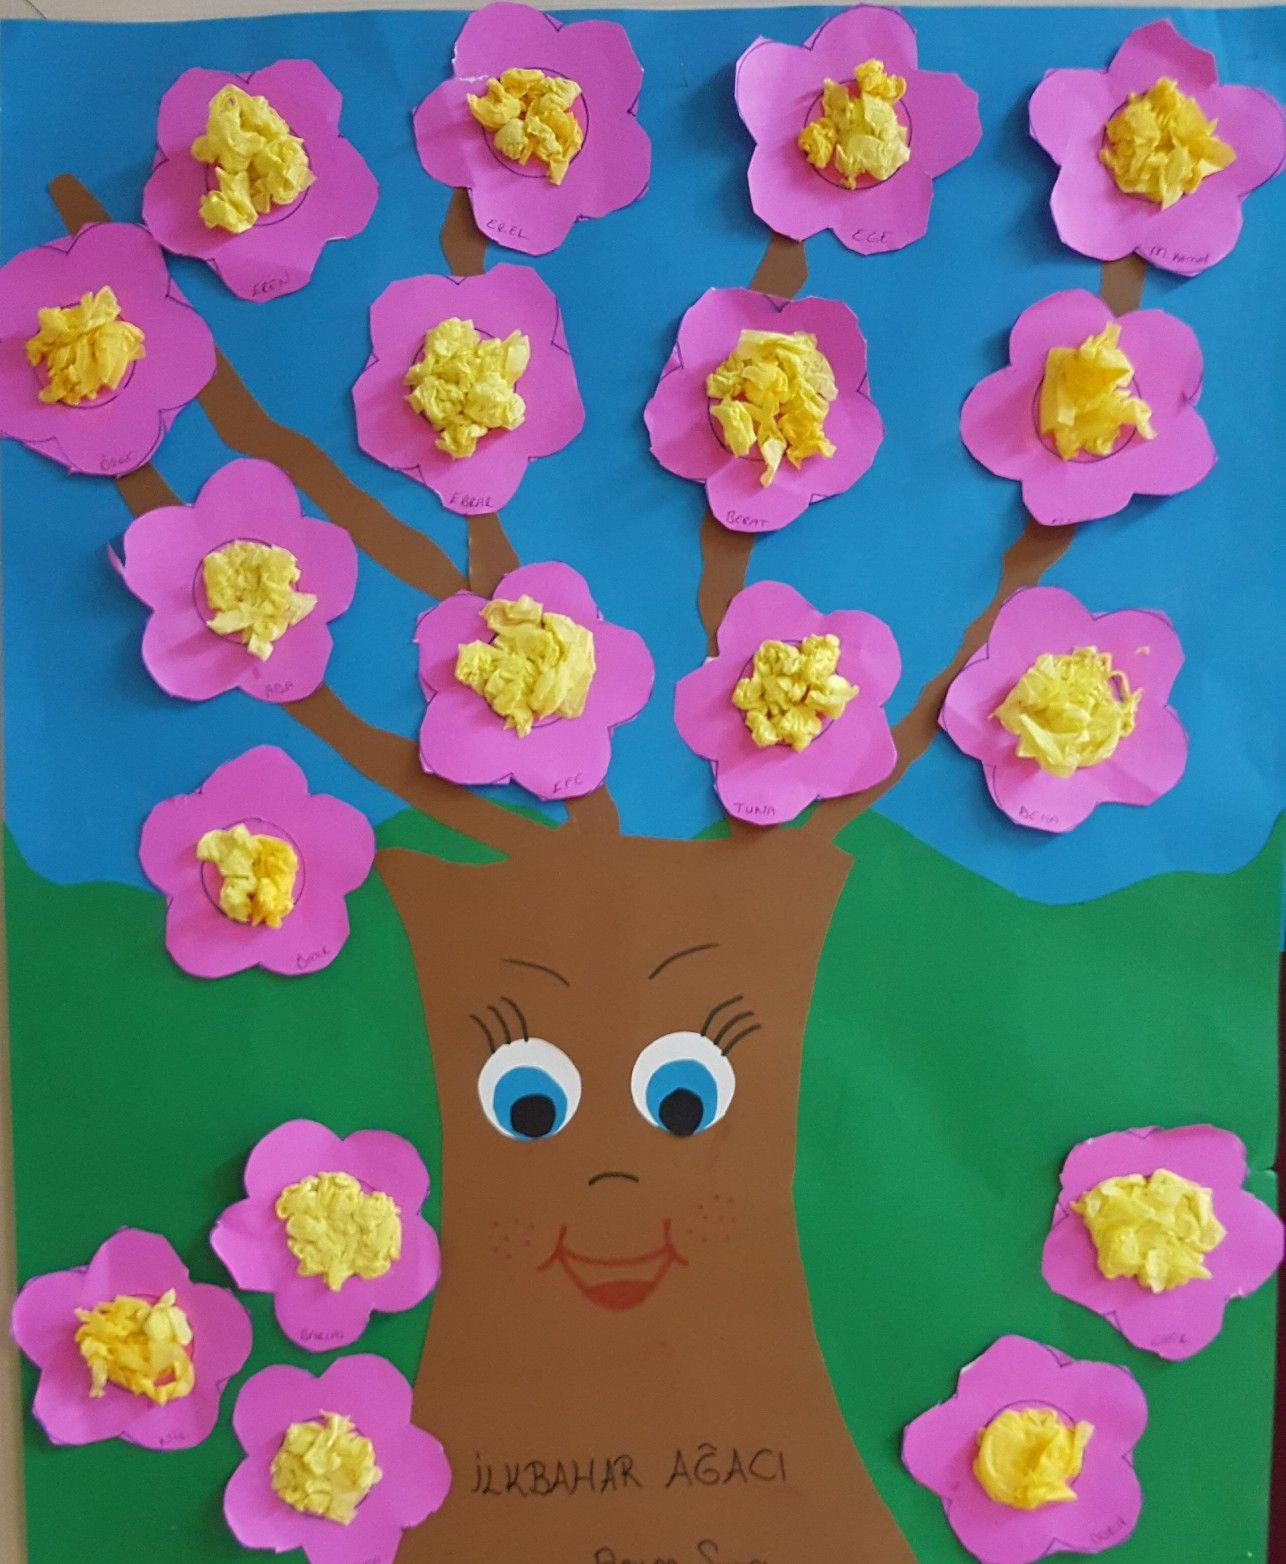 Okul öncesi Ilkbahar Ağacı 5 Yaş Etkinlikleri